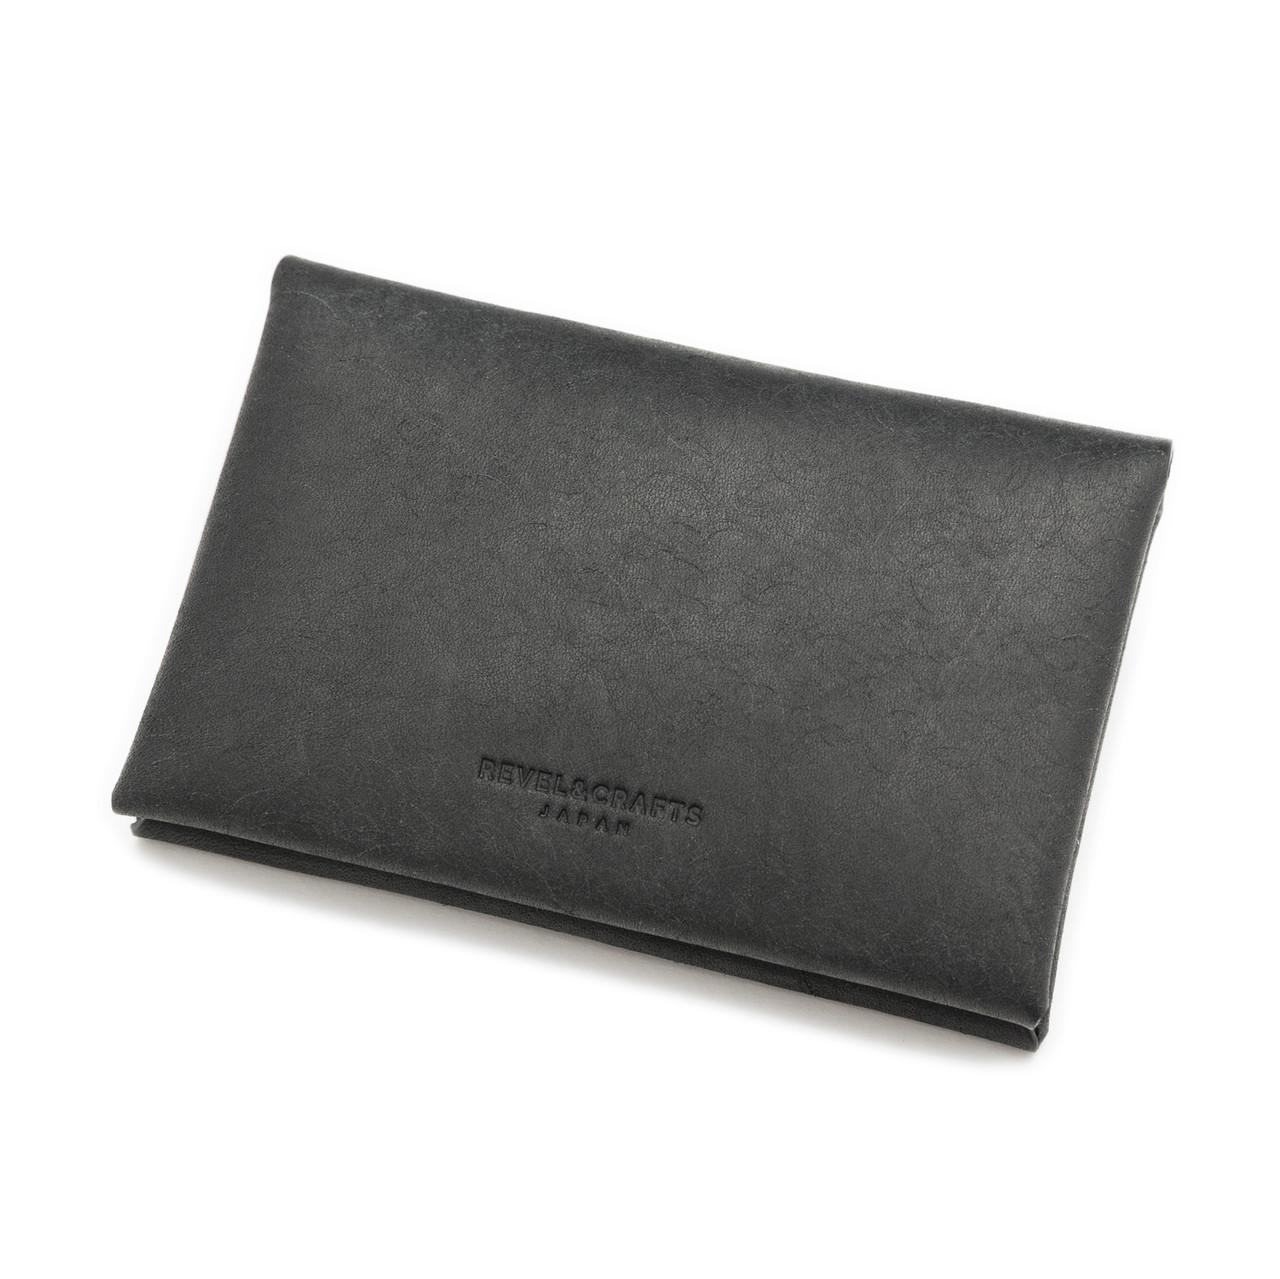 [限定]折革薄型名刺入れカードケース-イタリアンスクラッチ ダスティブラック